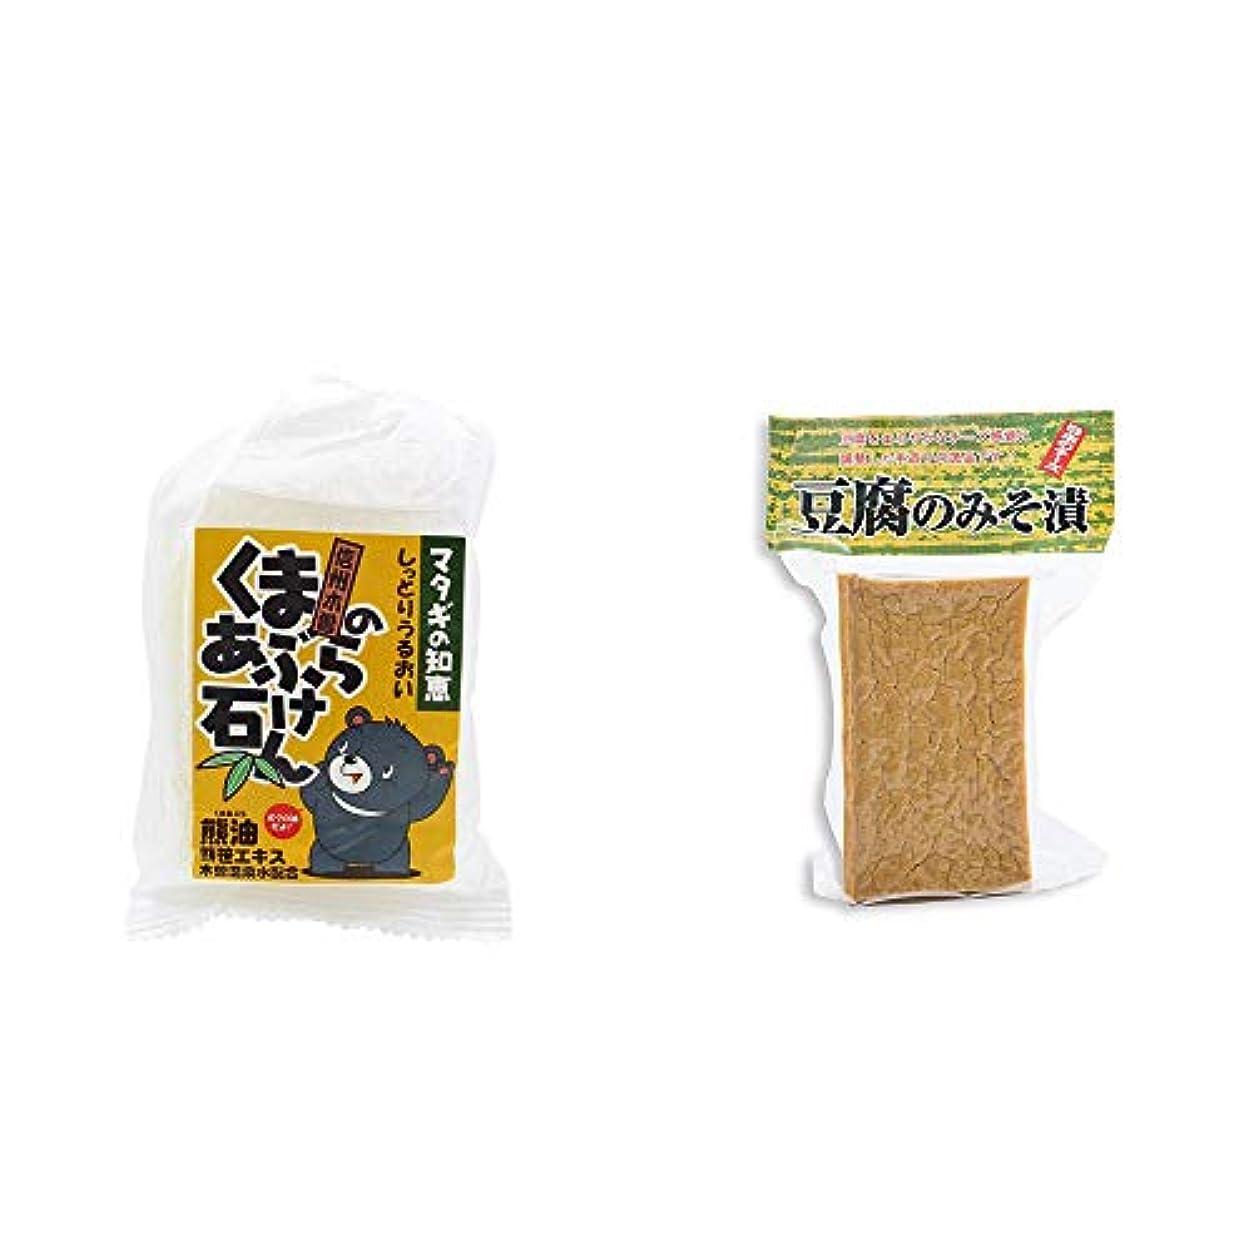 ヘア消費実行[2点セット] 信州木曽 くまのあぶら石けん(80g)?日本のチーズ 豆腐のみそ漬(1個入)